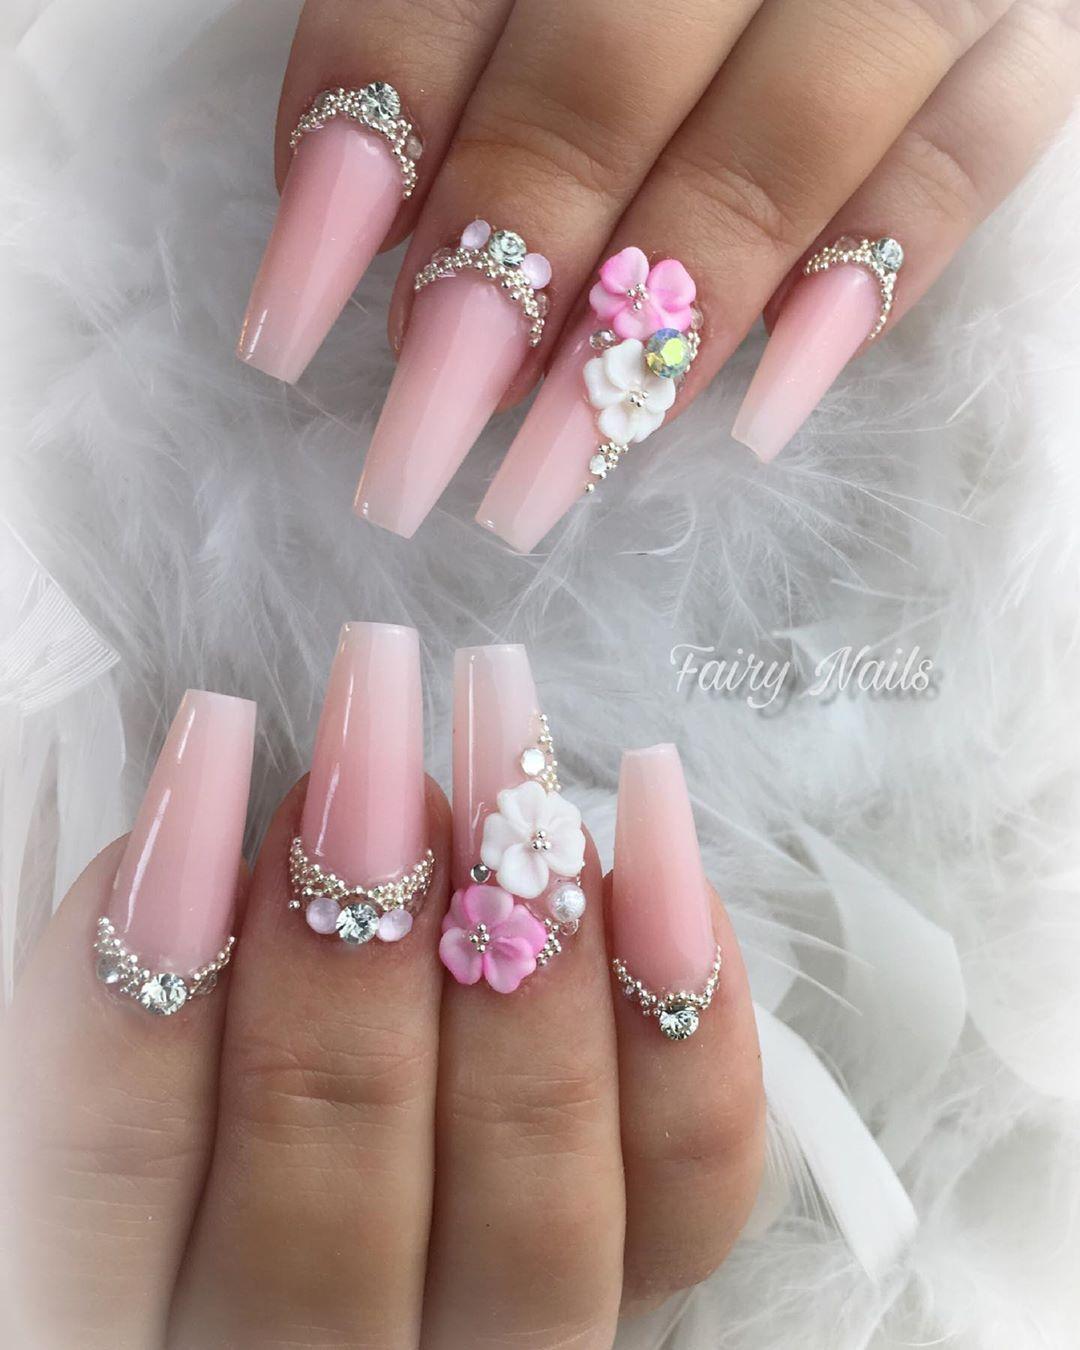 Meine Liebste Katja Ich Bin An Deinem Wunderschonsten Tag In Gedanken Ganz Fest Bei Dir Nbsp Nbsp Nails Coffin Nails Designs Nail Designs Bridal Nail Art